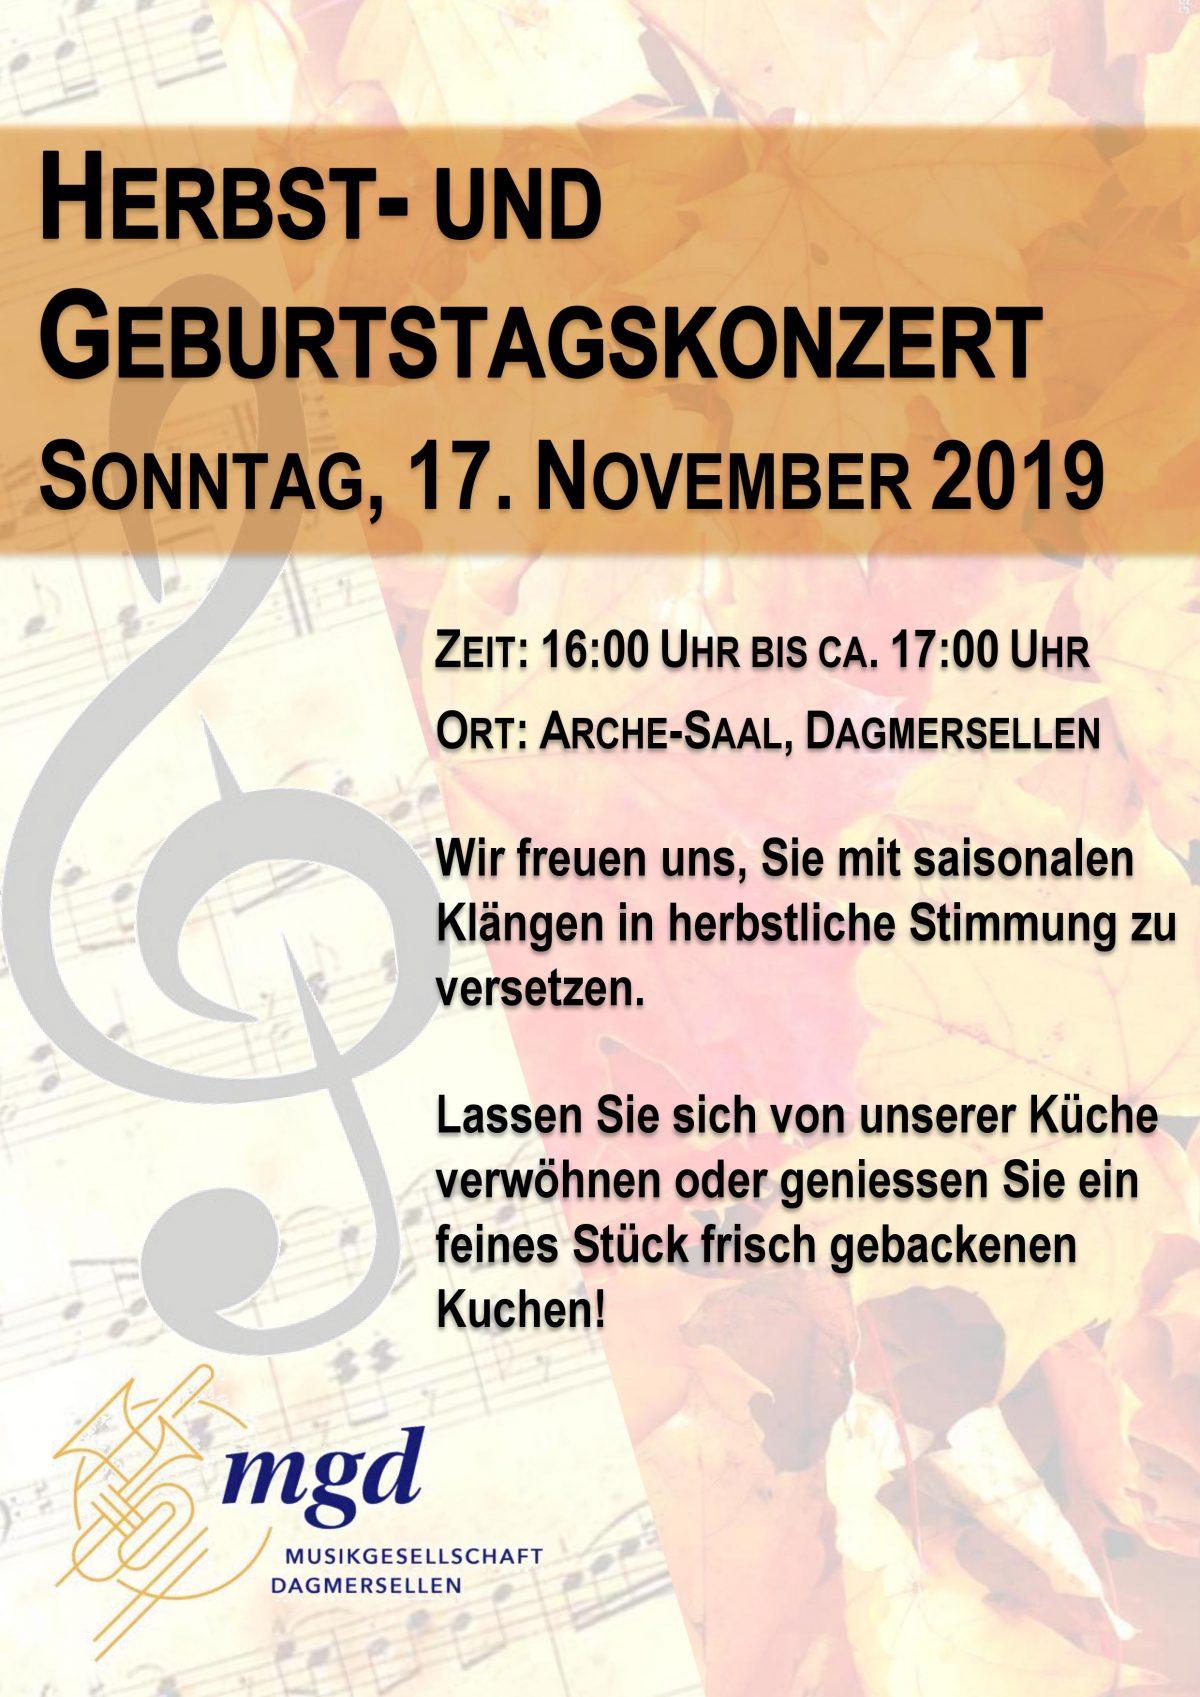 Herbst- und Geburtstagskonzert 2019